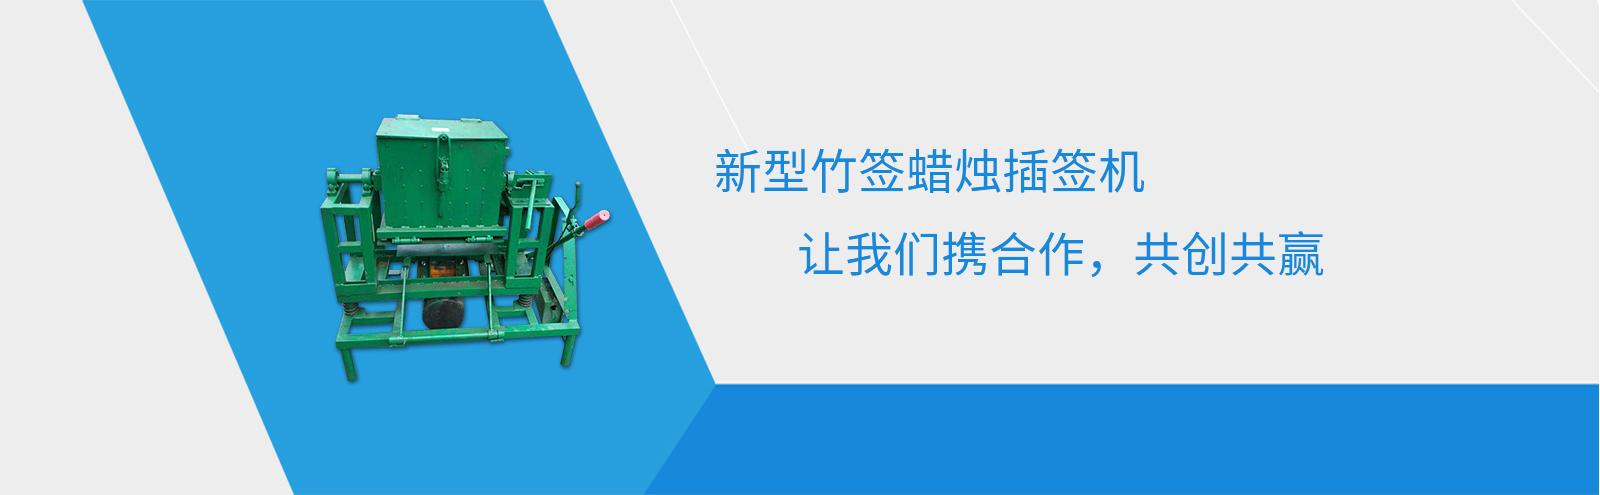 宁乡峰楚机械科技有限公司